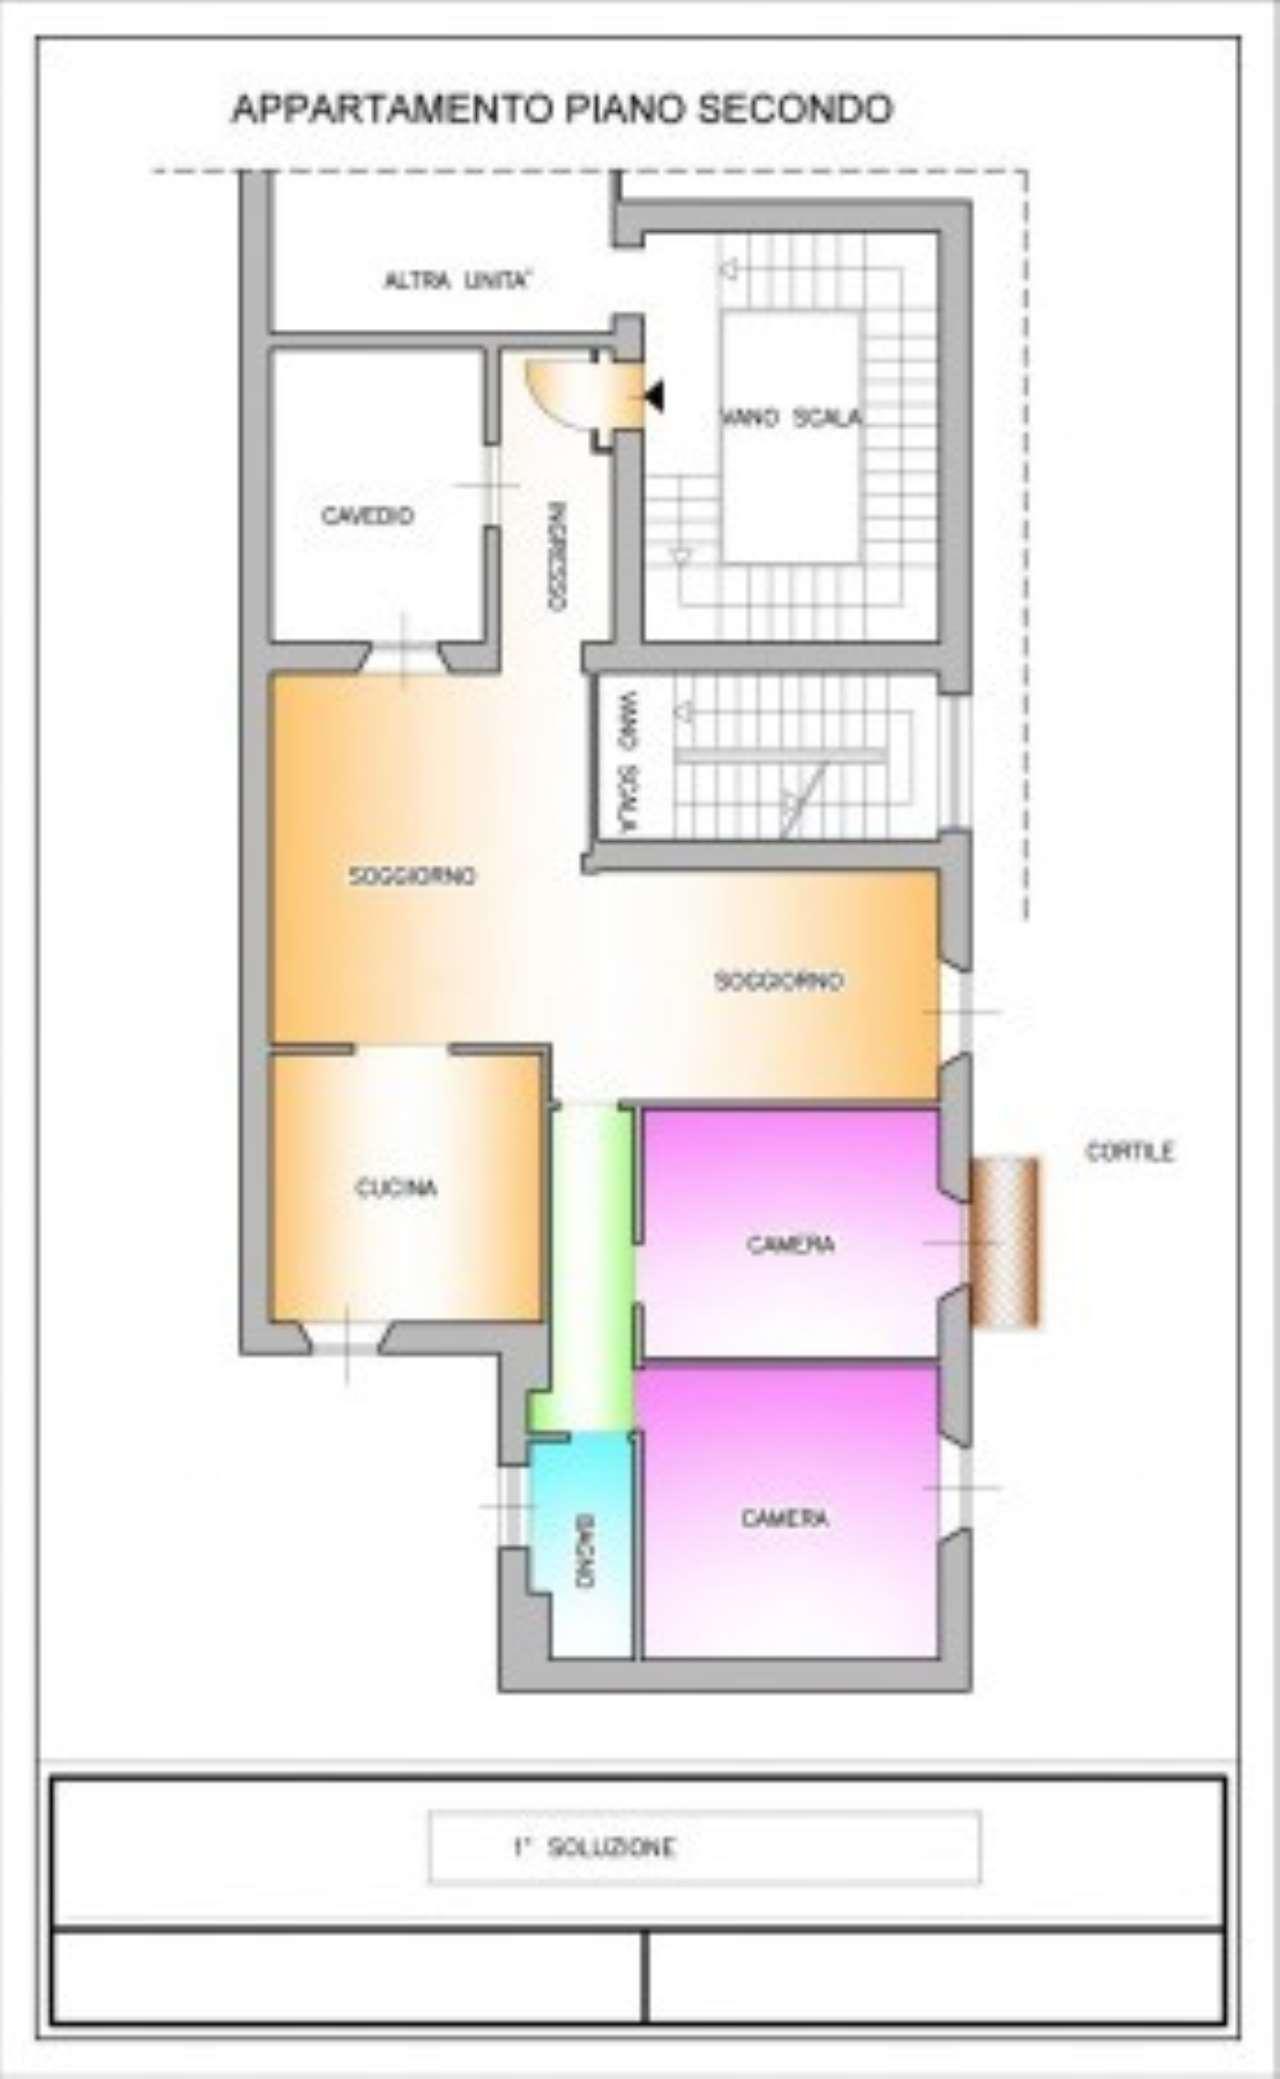 Appartamento in Vendita a Milano: 3 locali, 120 mq - Foto 3